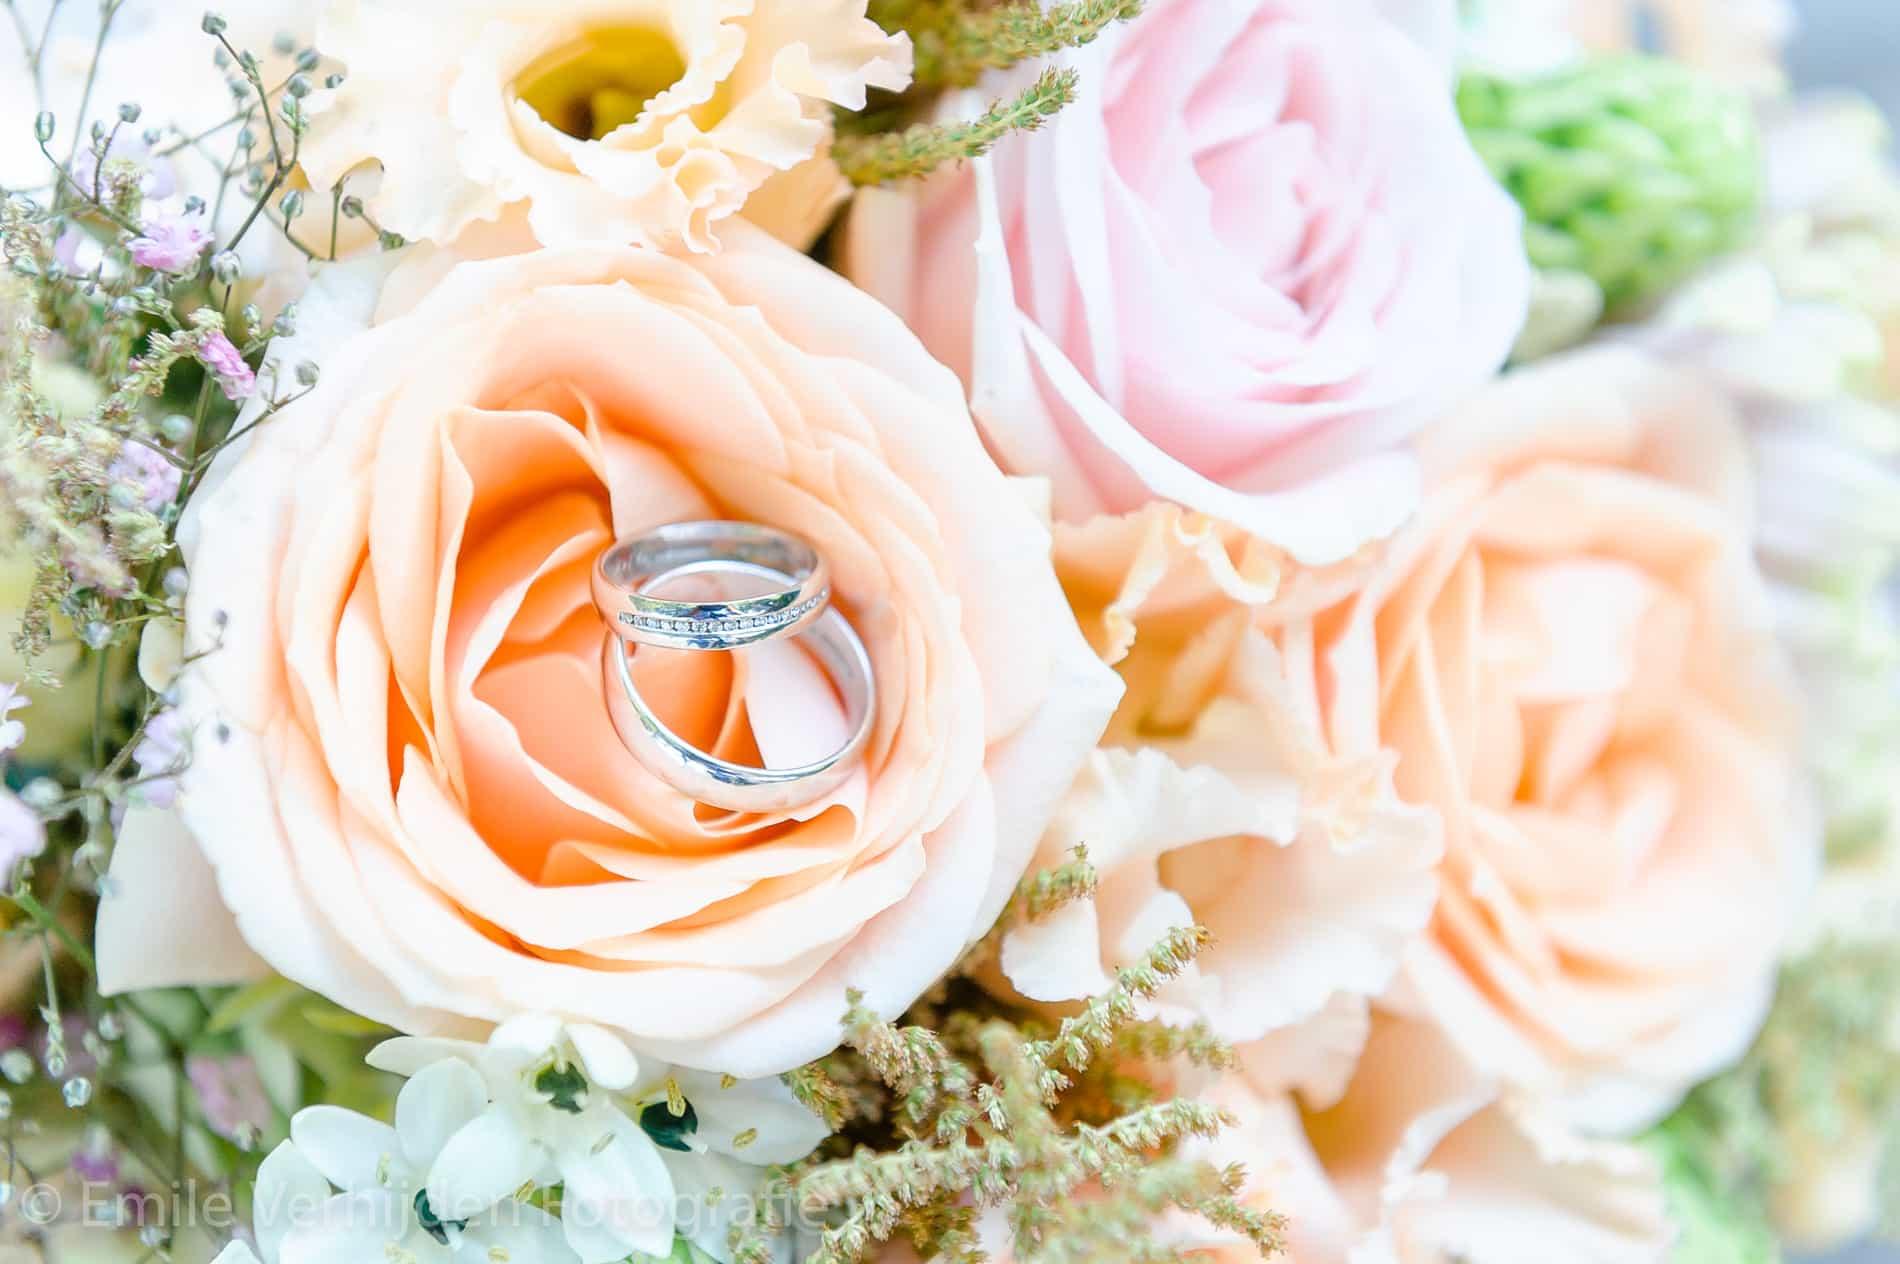 Bruidsboeket met ringen in close-up. Bruidsfotograaf Kasteel Groot Buggenum Grathem Limburg